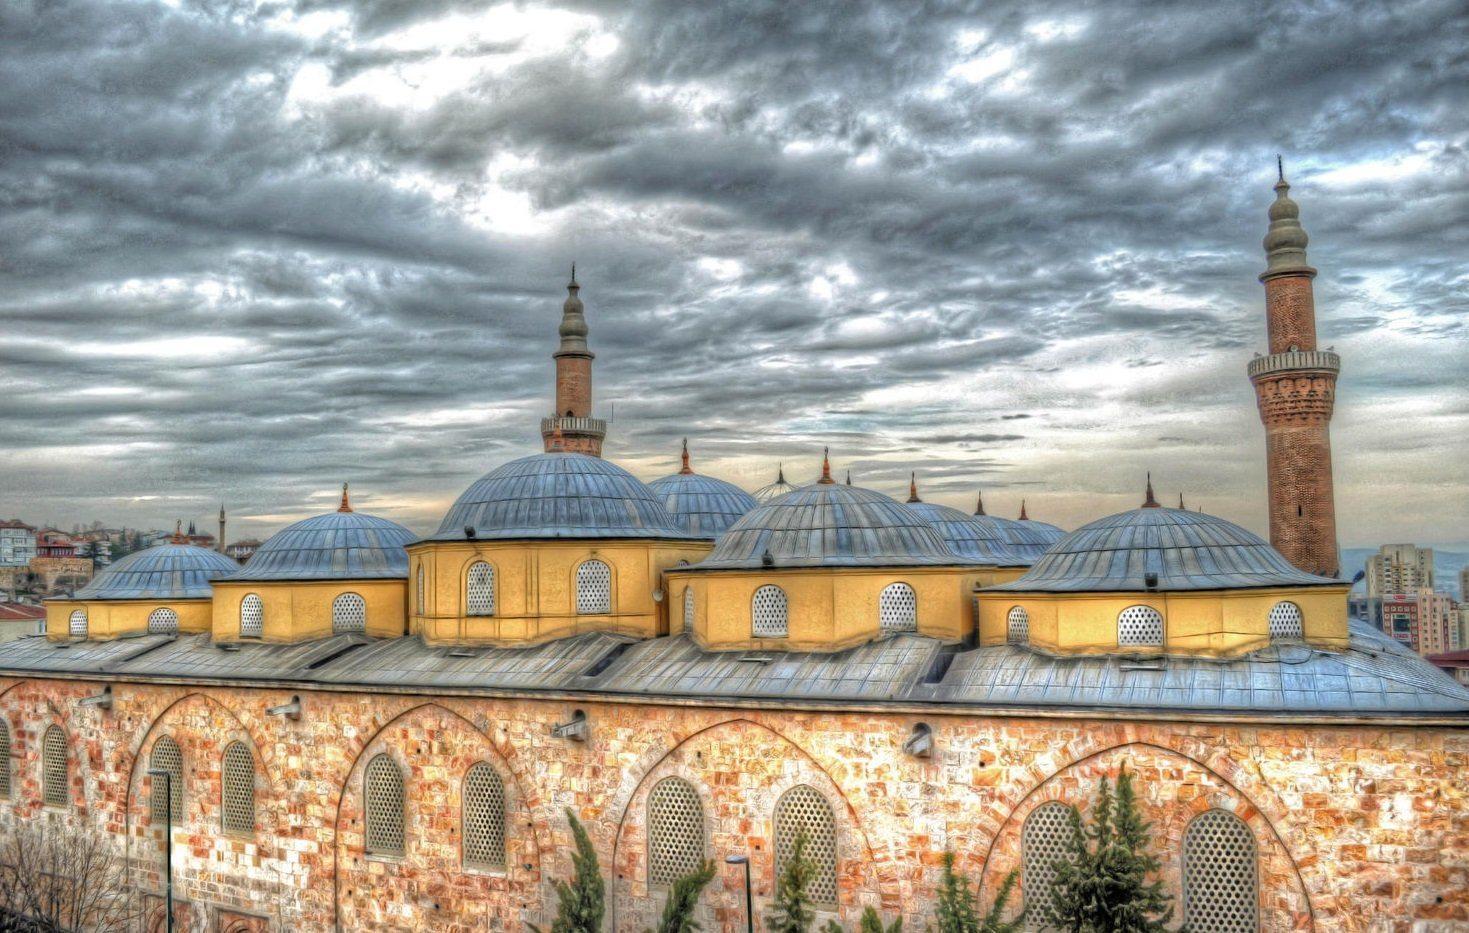 أنشطة عند زيارة جامع بورصة الكبير تركيا